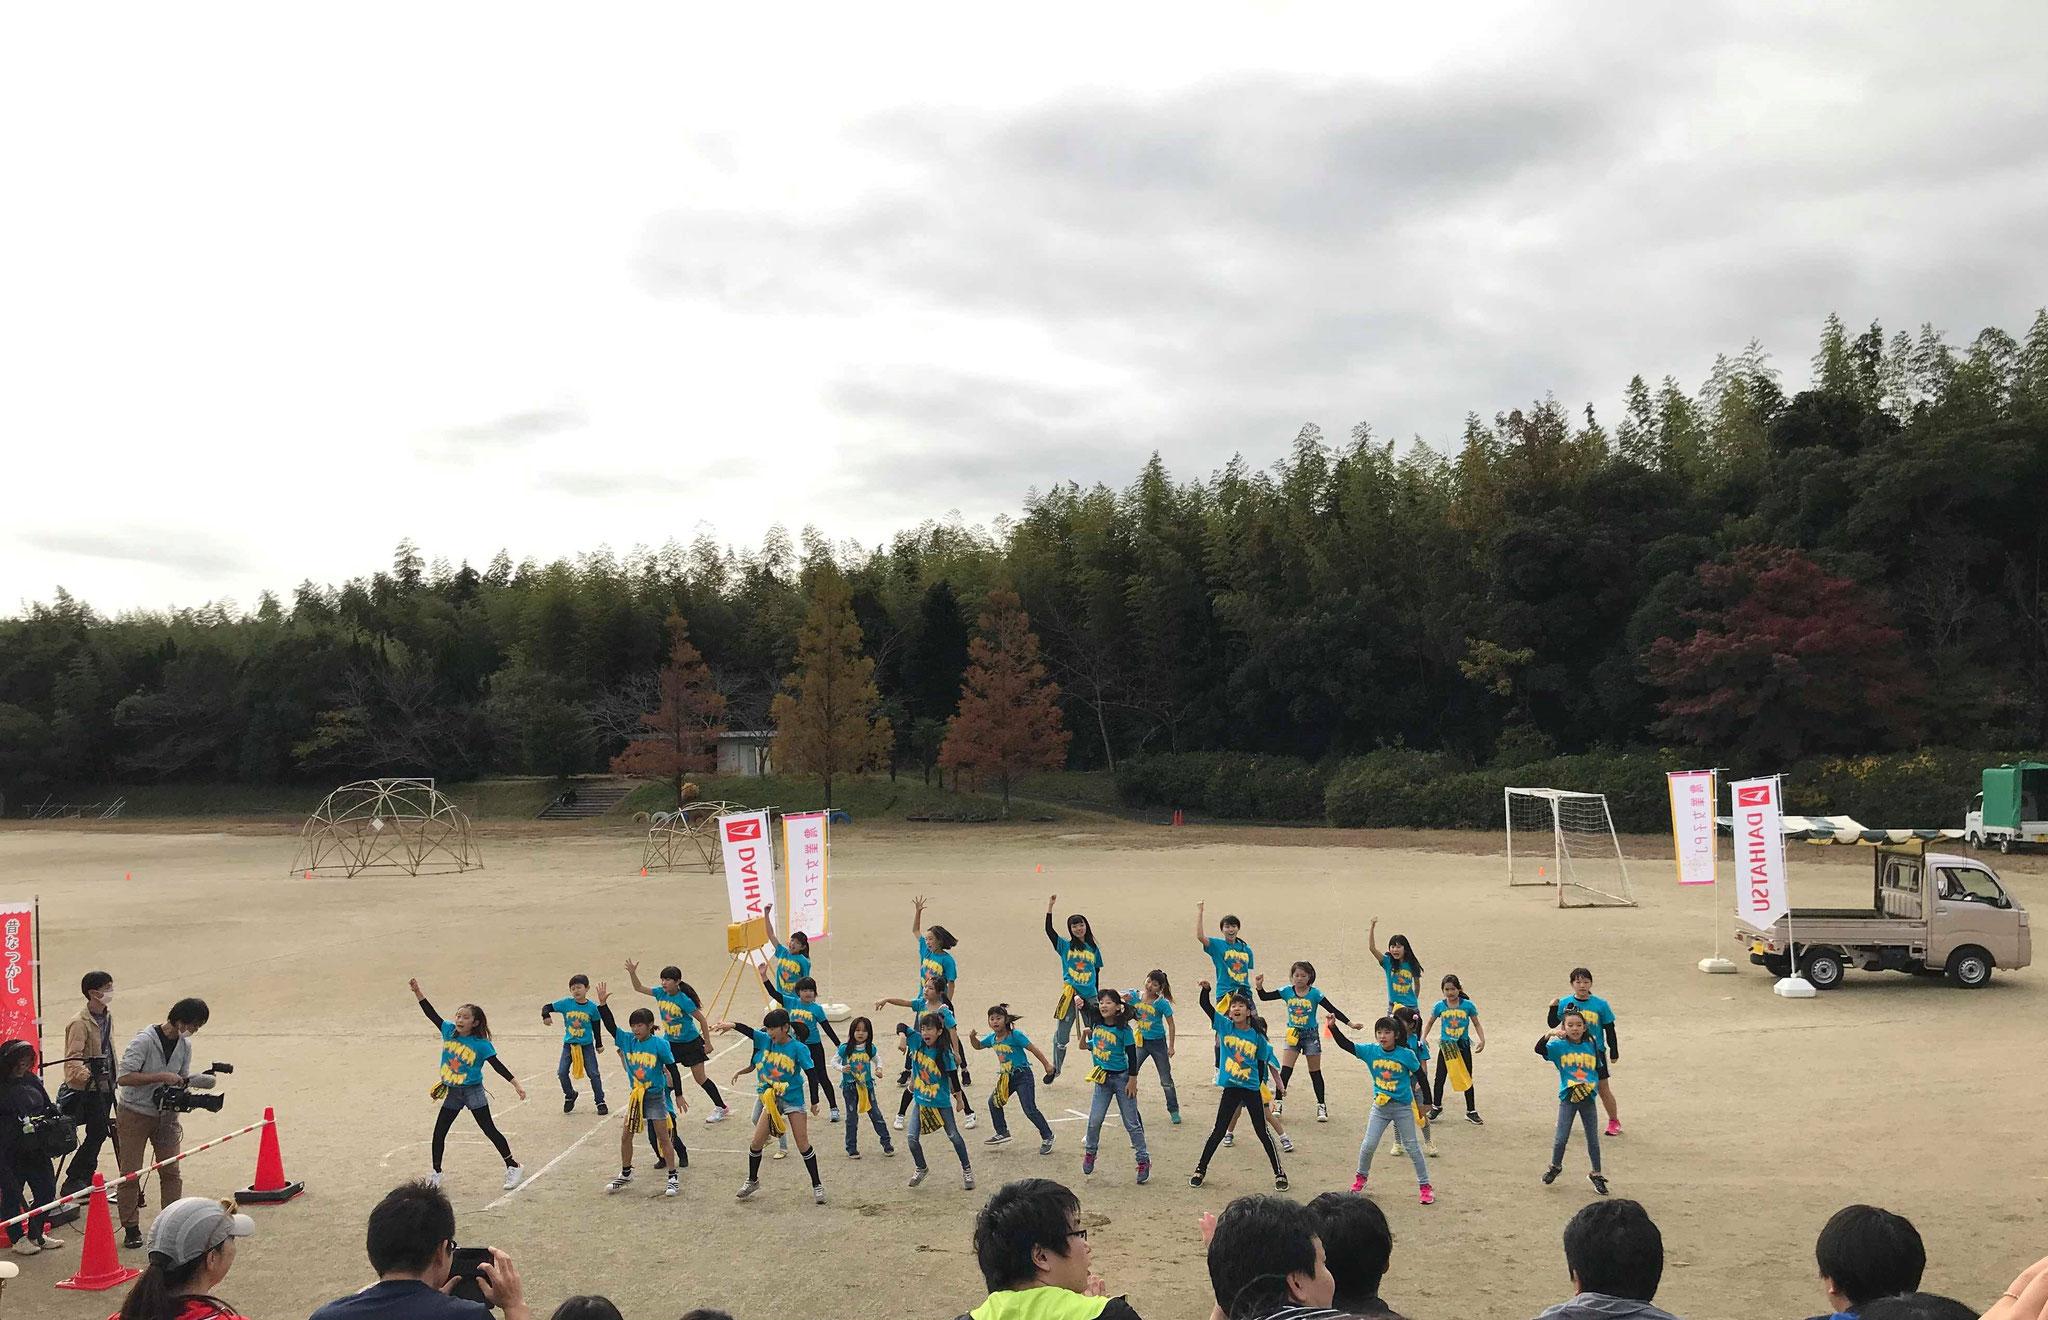 キッズダンスチーム「パワービート」が歓迎のダンス